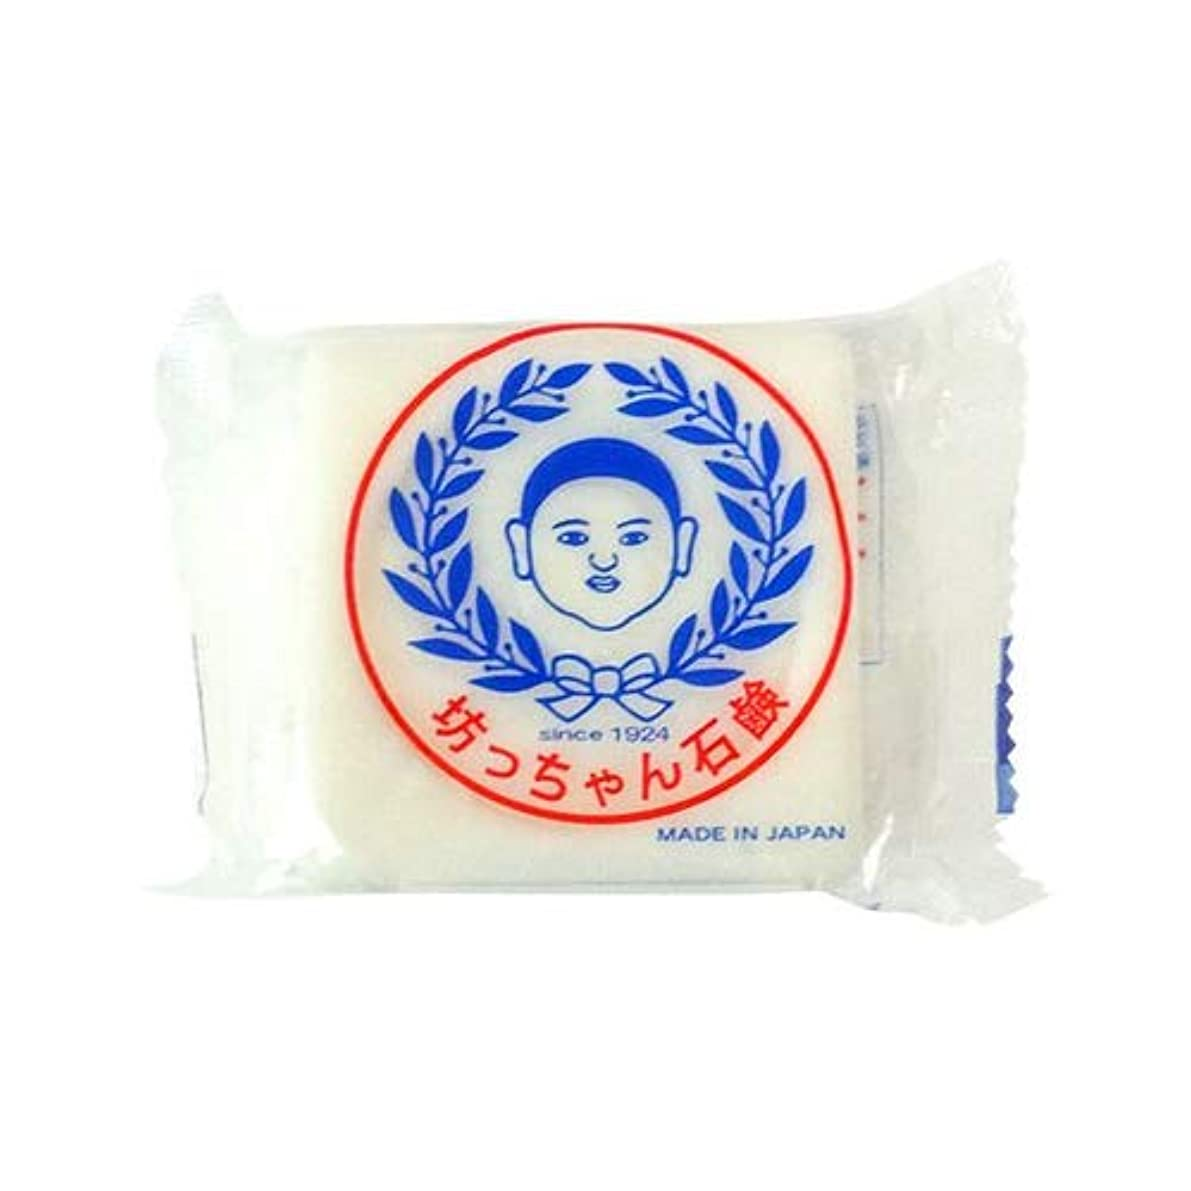 事務所夜間登る坊っちゃん石鹸 ミニサイズ 100g